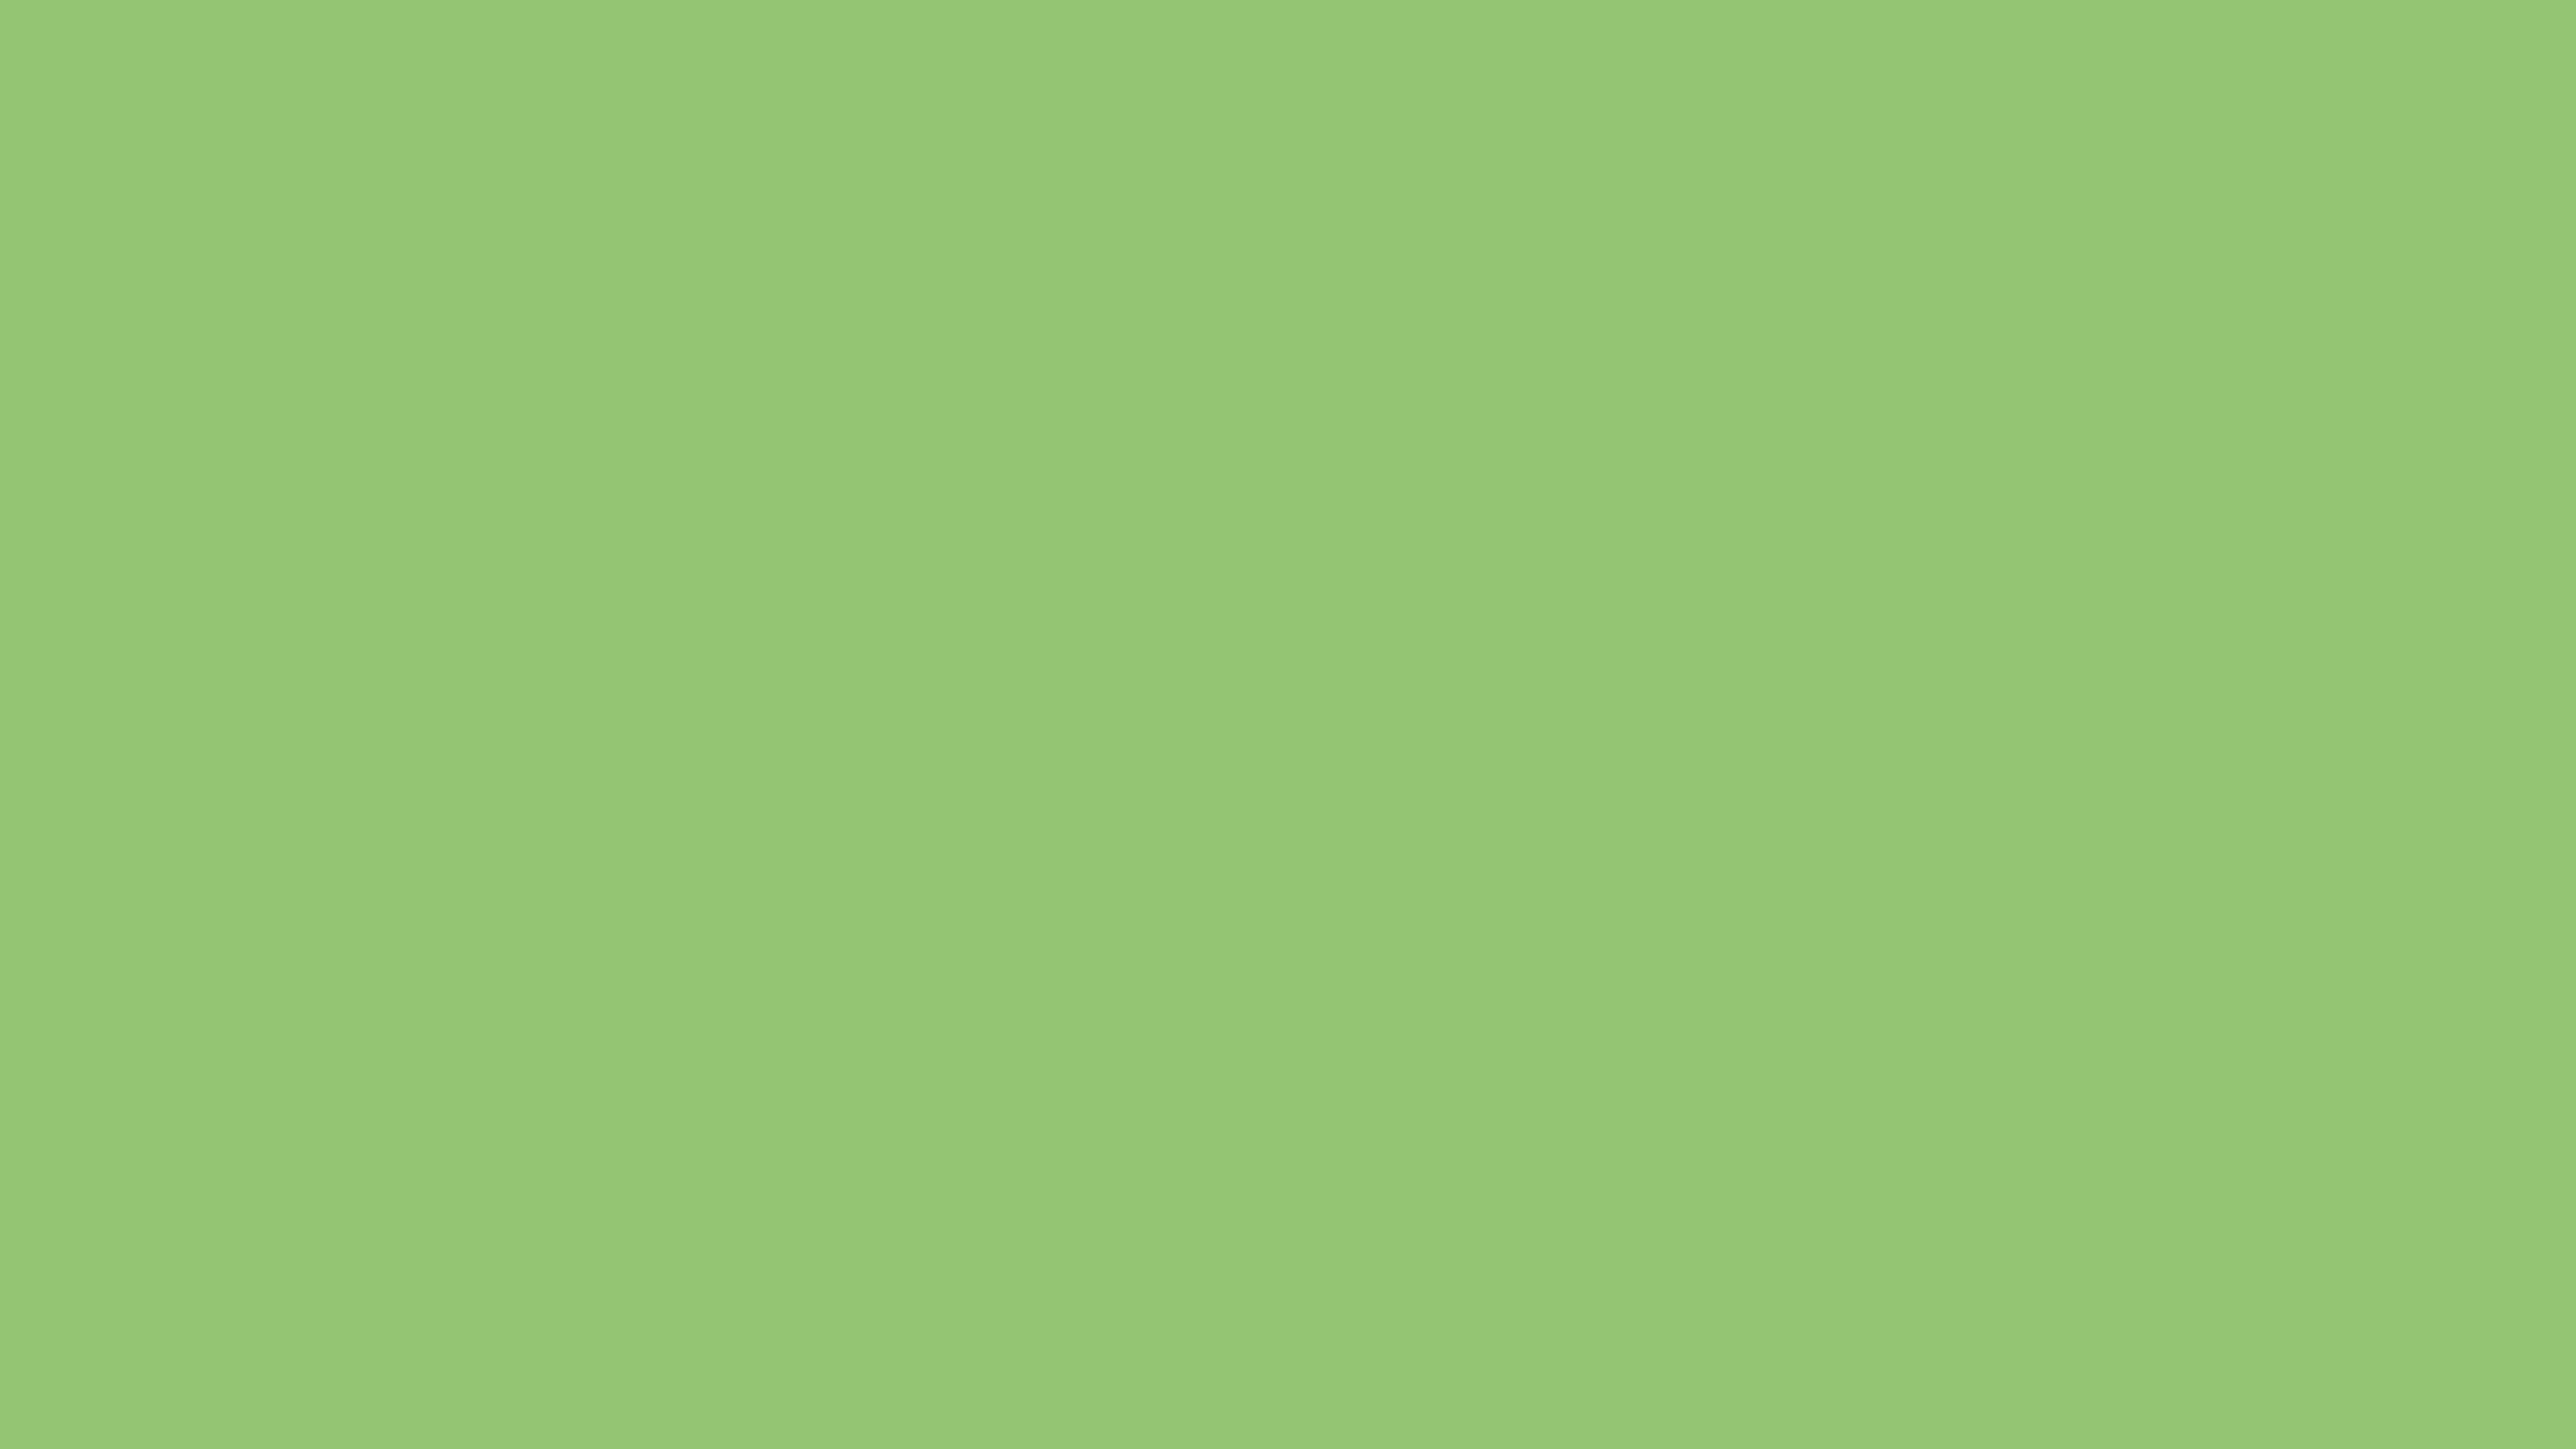 7680x4320 Pistachio Solid Color Background